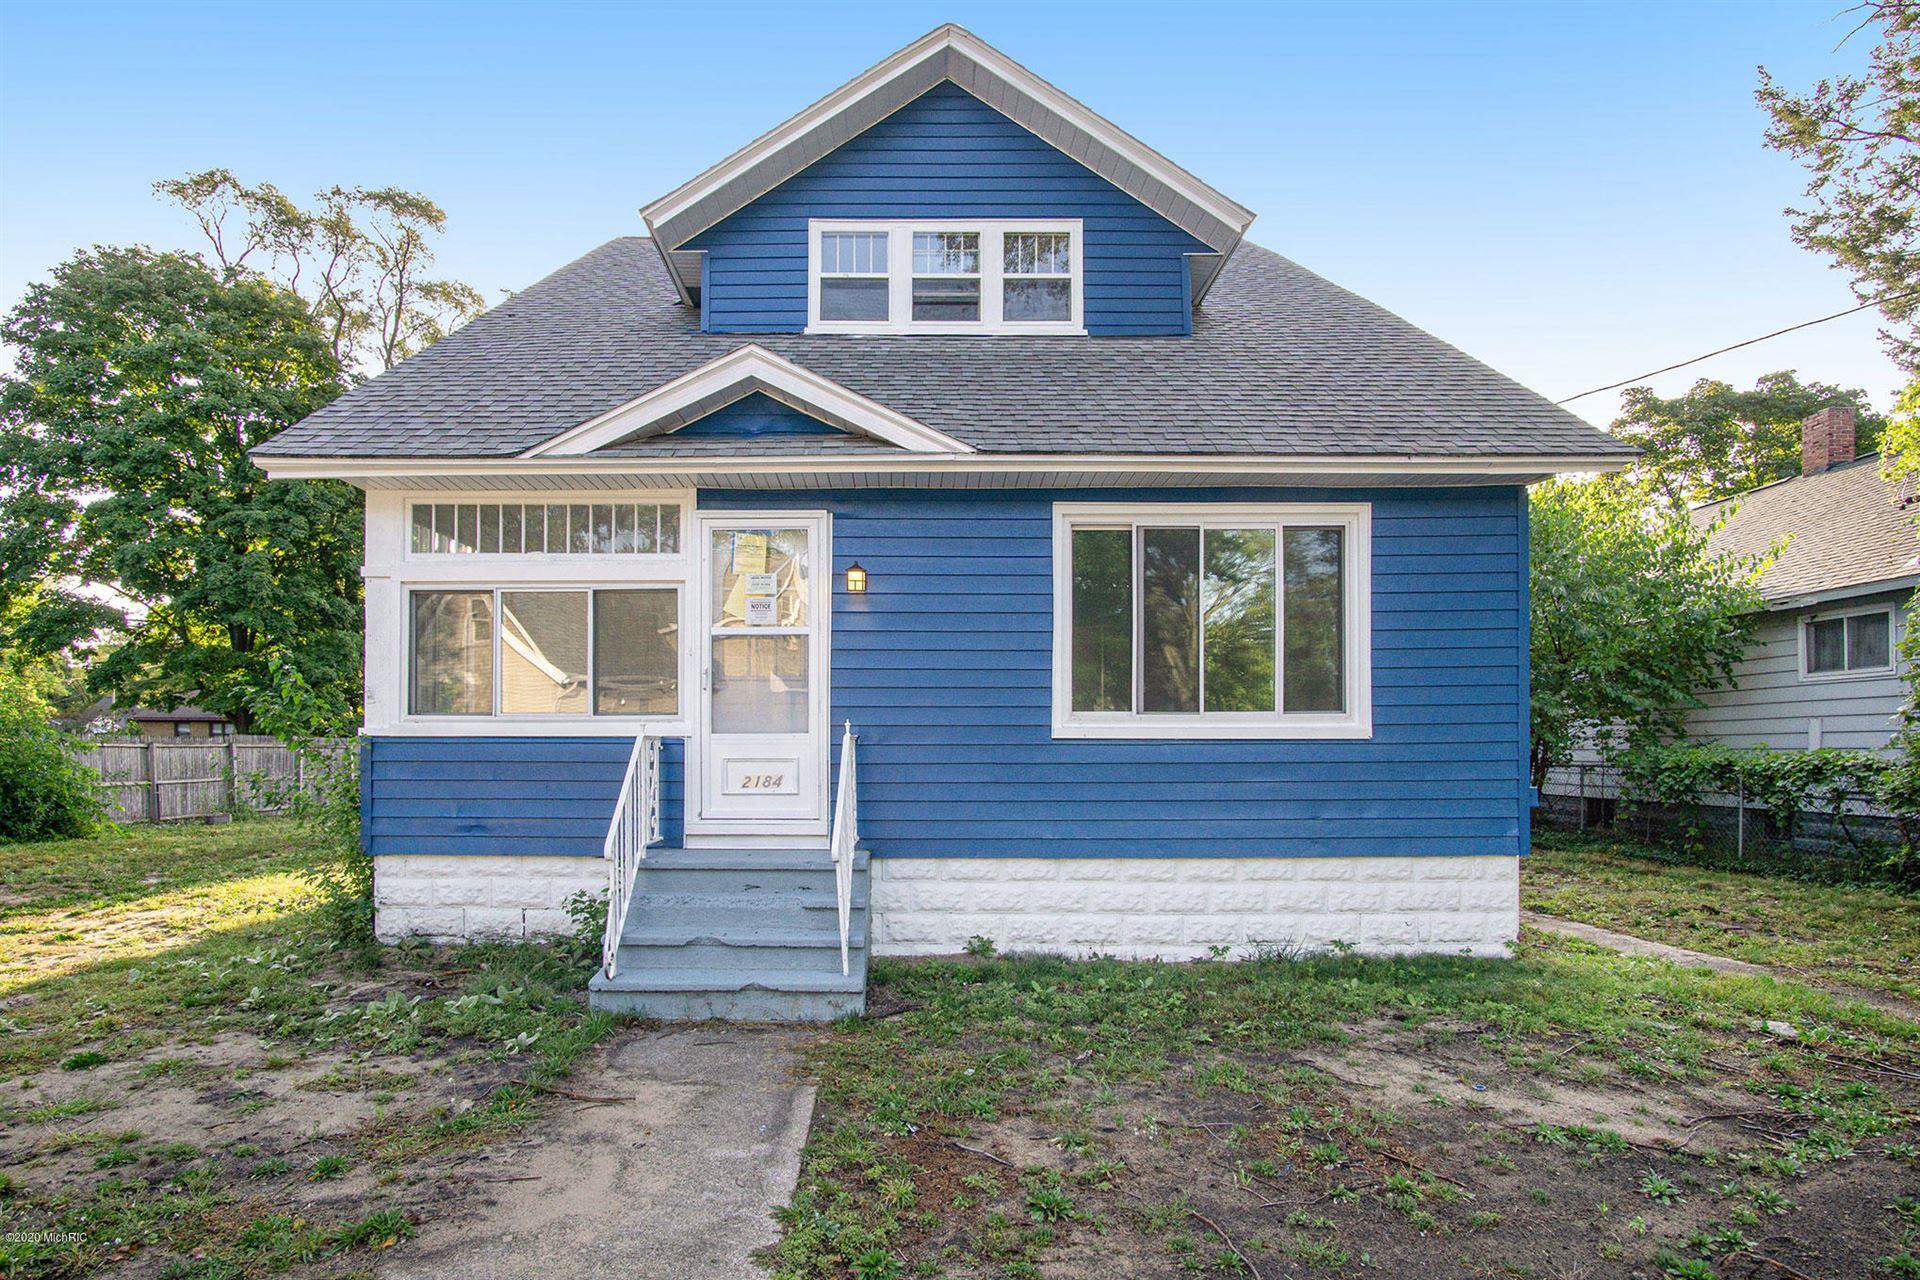 2184 Torrent Street, Muskegon, MI 49441 - MLS#: 20038319